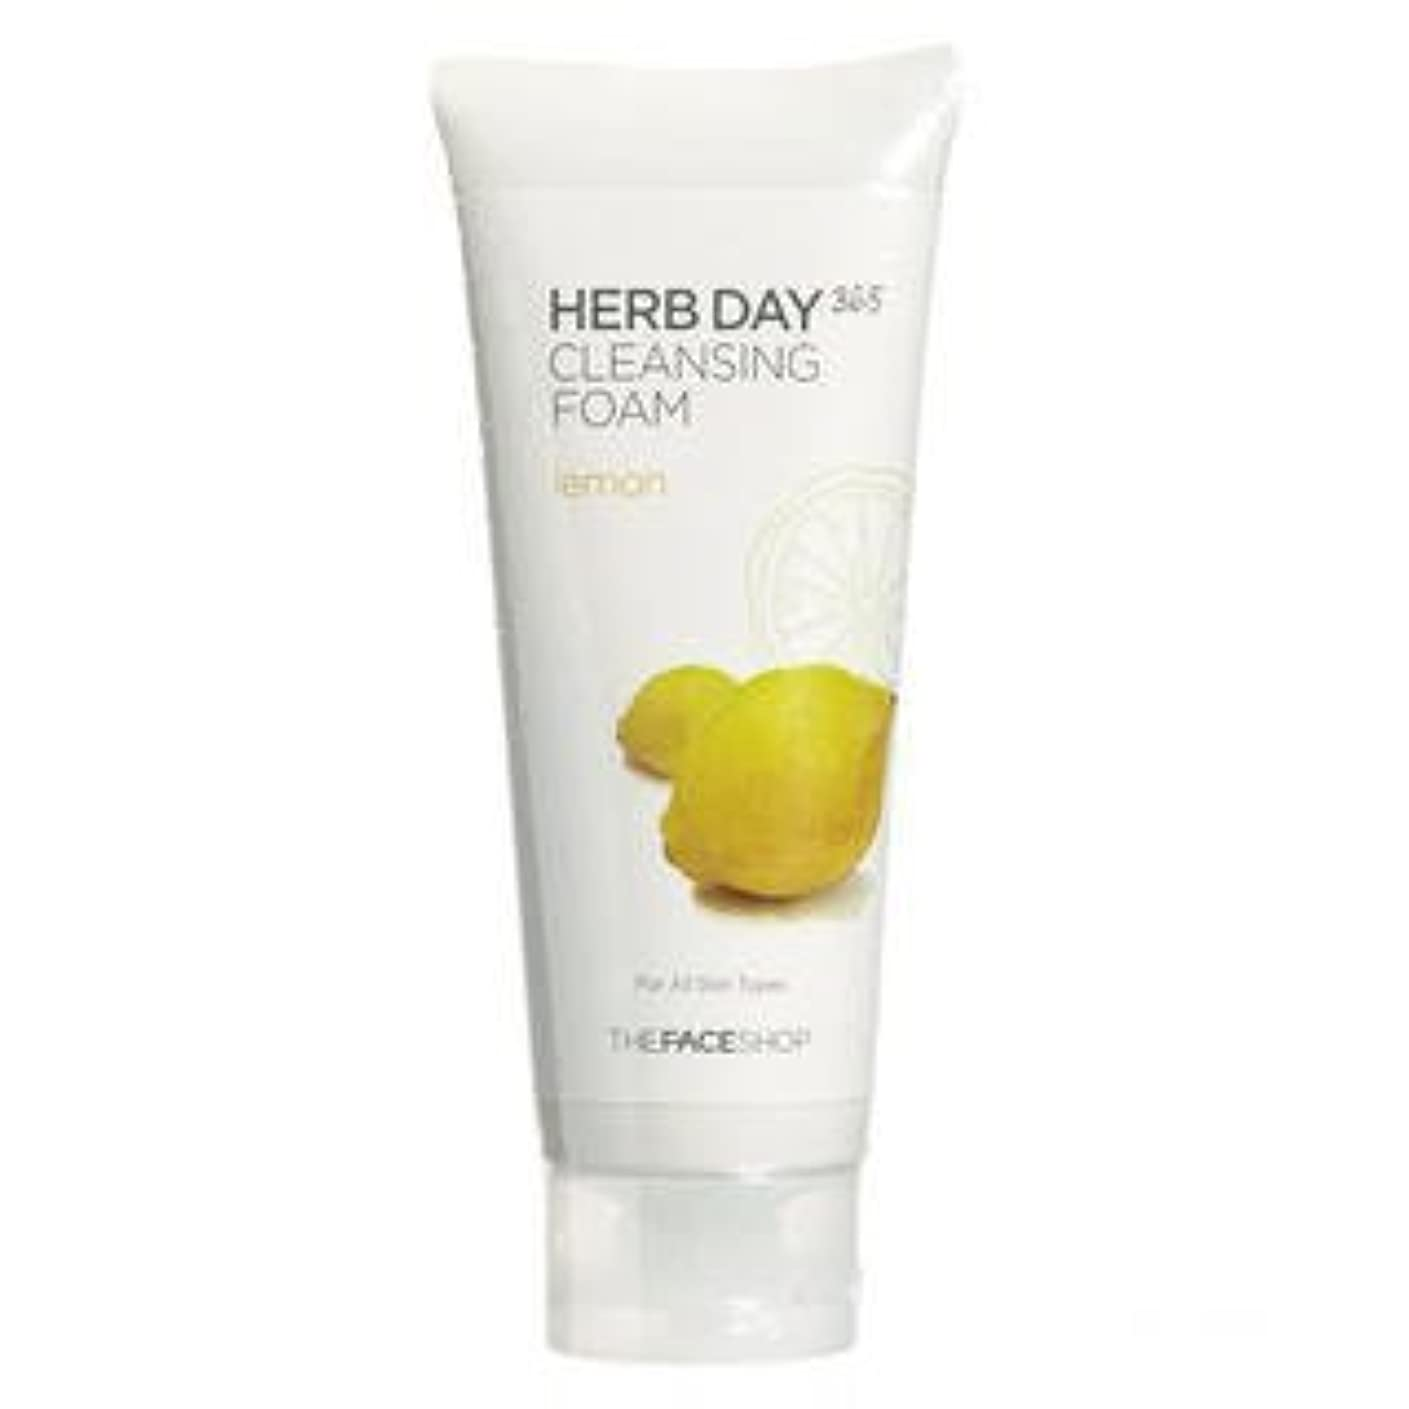 賢明なベーシックに対してThe Face Shop - Herb Day Cleansing Cleansing Foam (Lemon)170ml /Made in Korea